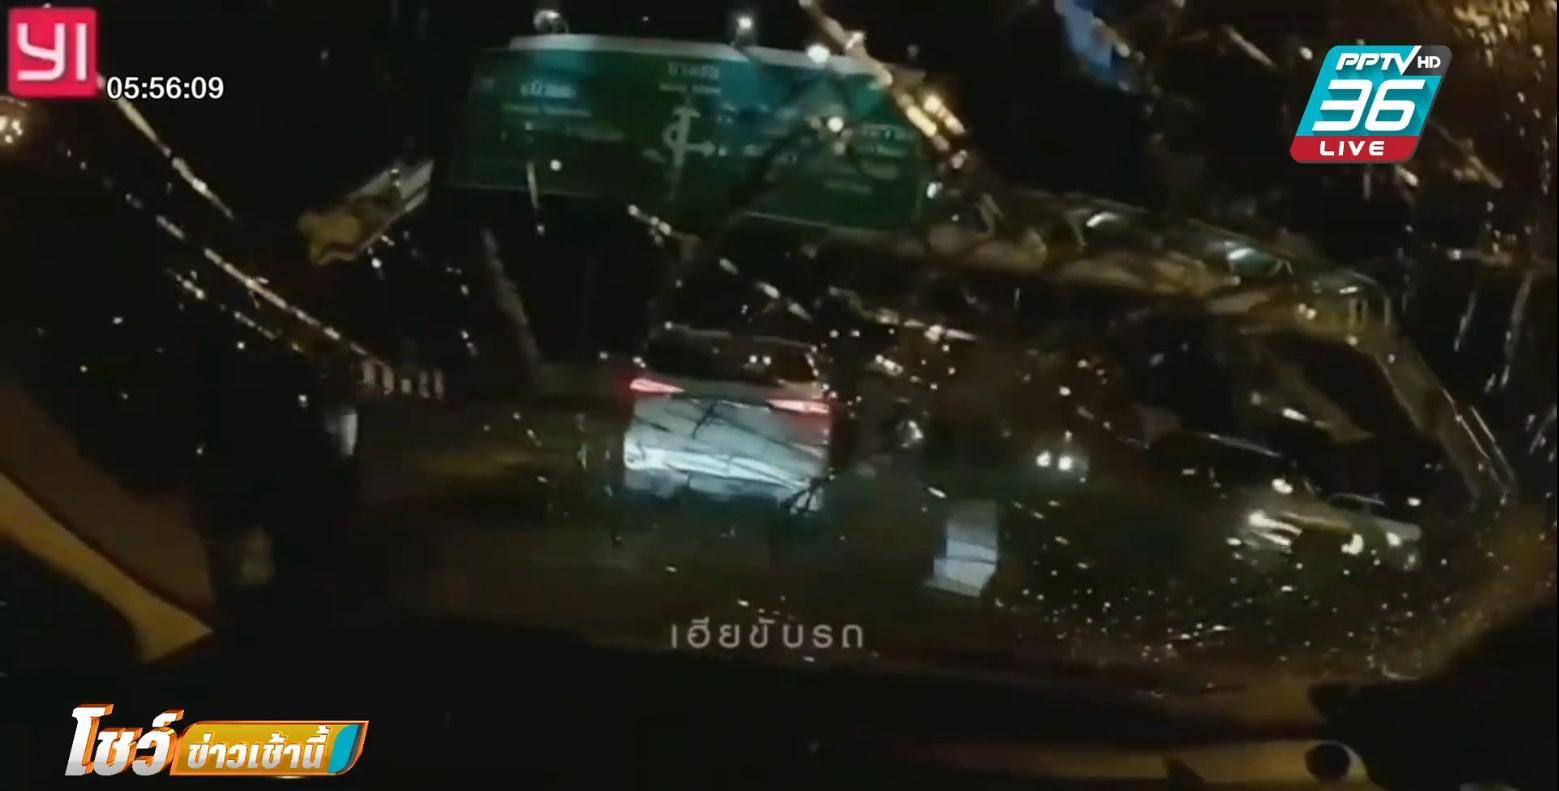 หนุ่มฟอร์จูนเนอร์ หัวร้อน กระโดดขึ้นกระทืบกระจกหน้า เก๋งแจ๊สจนแตก